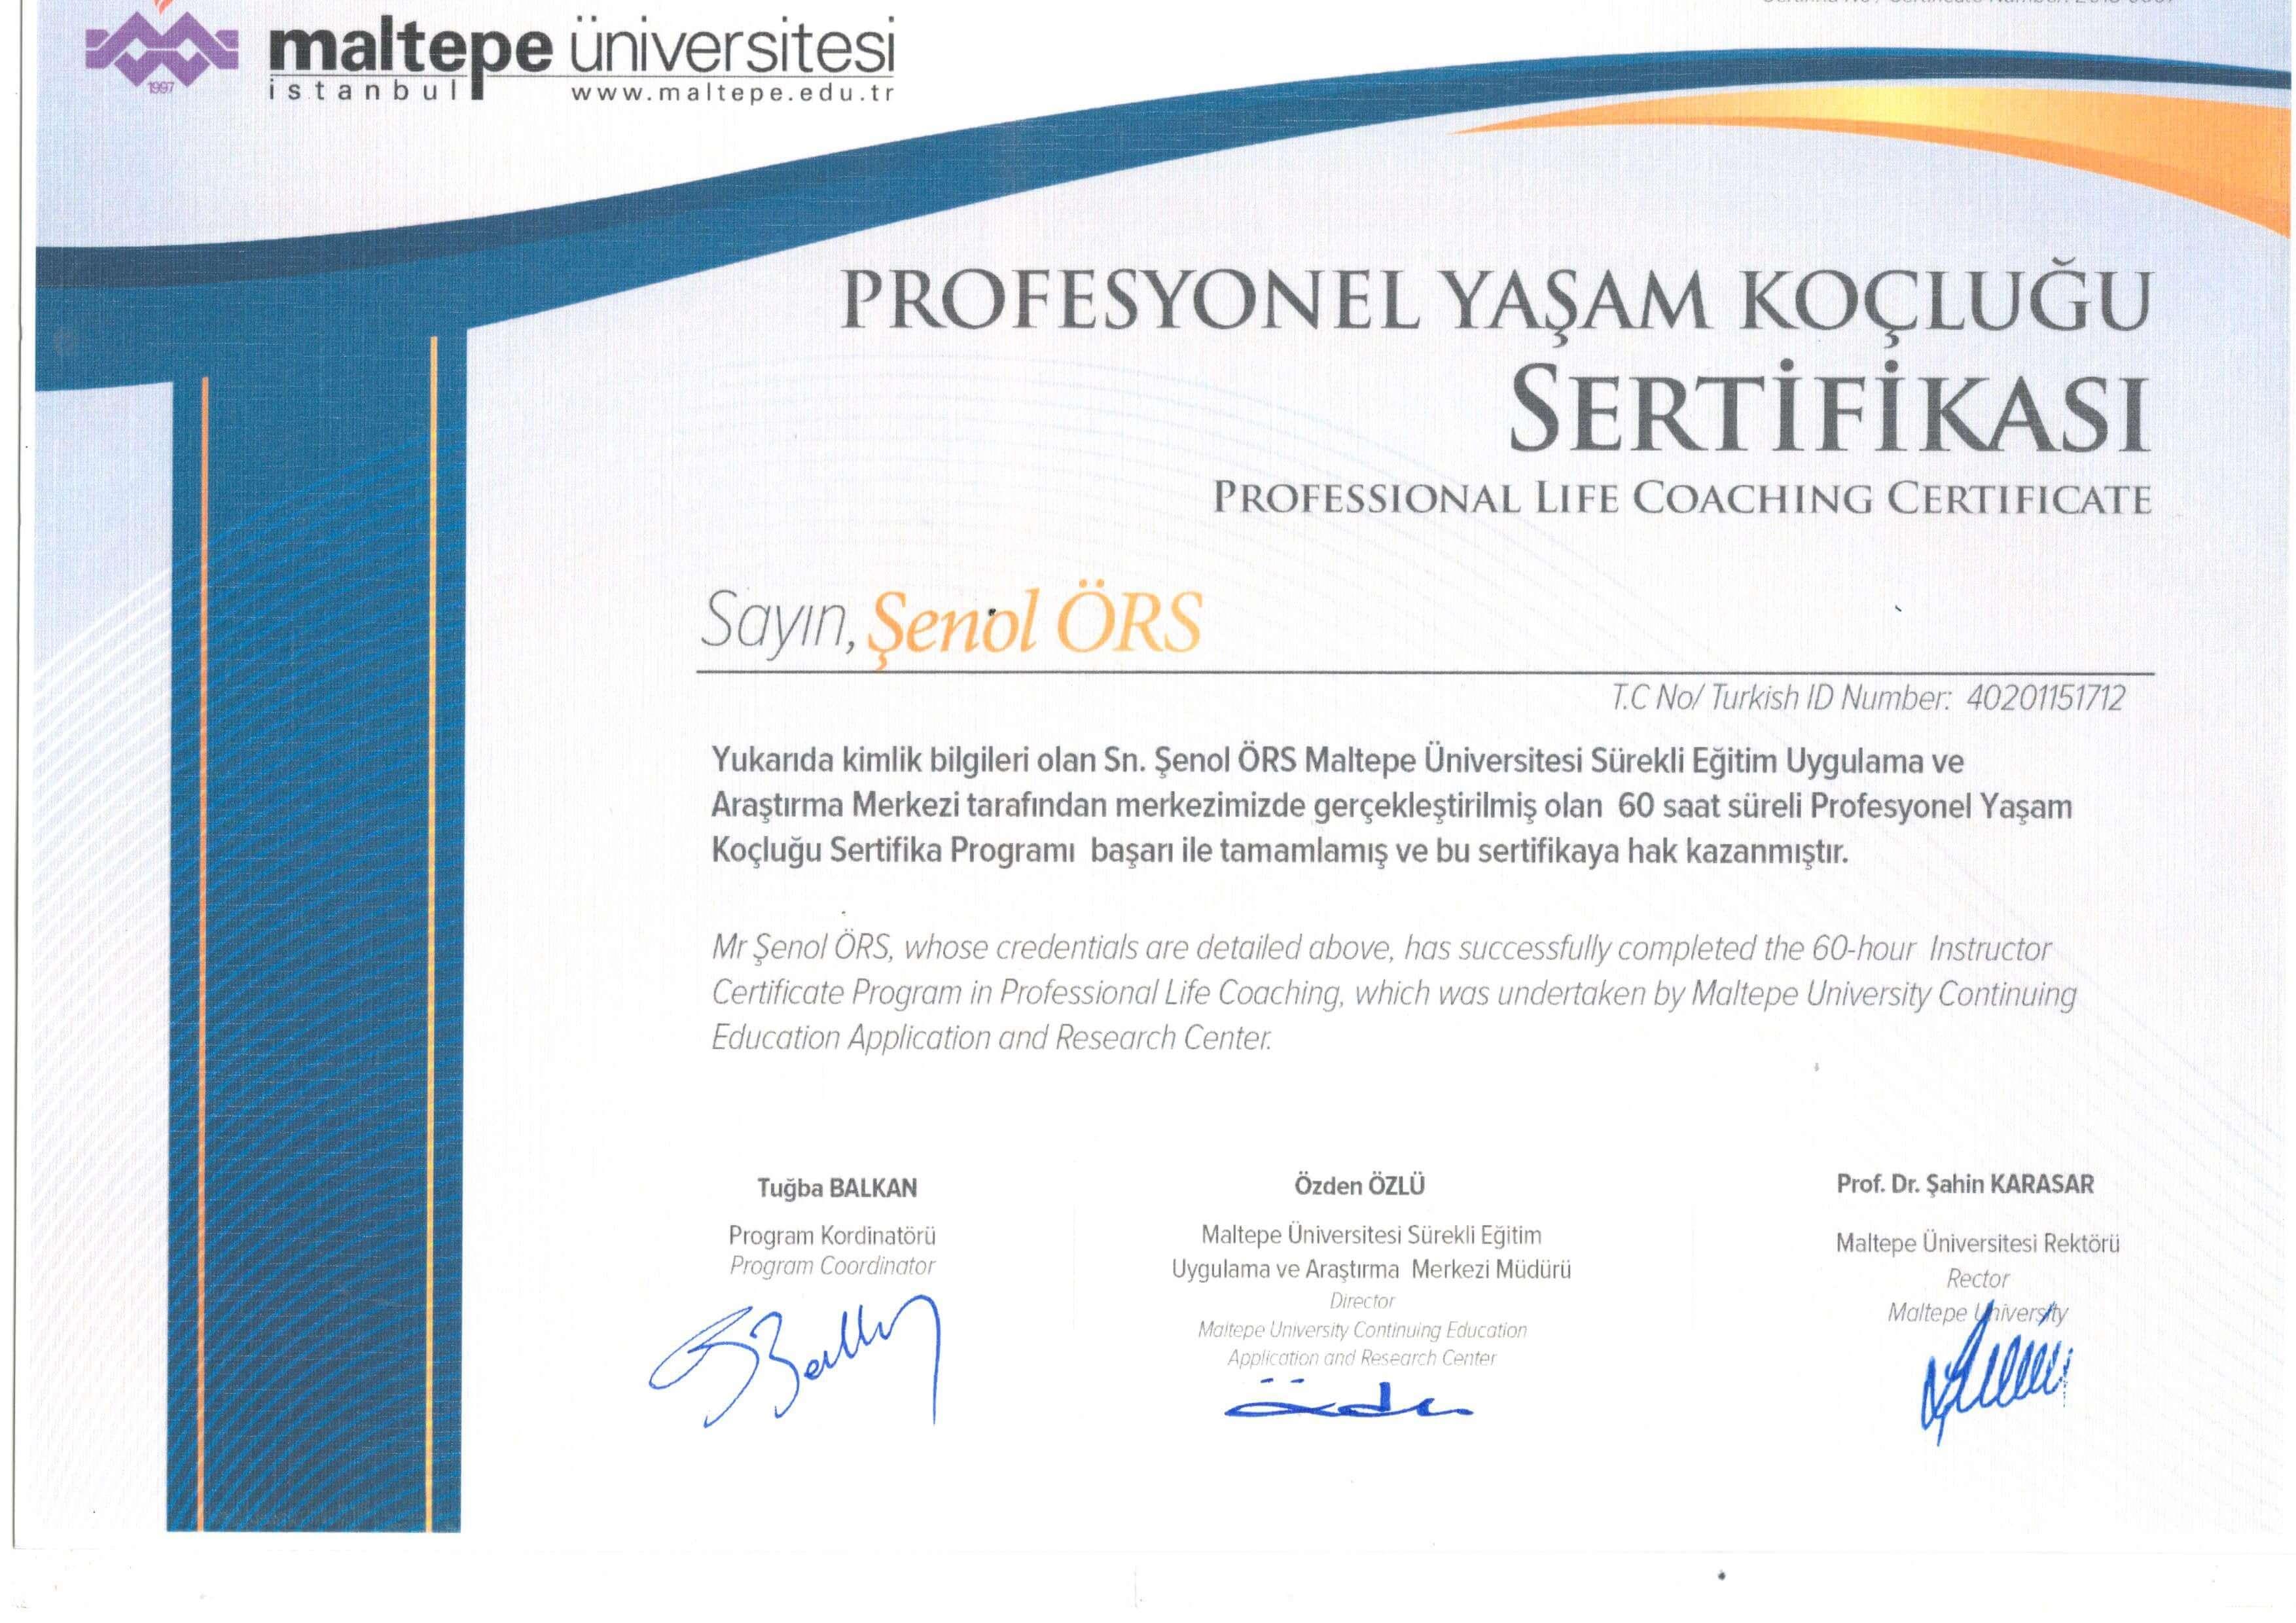 profesyonel yaşam koçluğu sertifikası